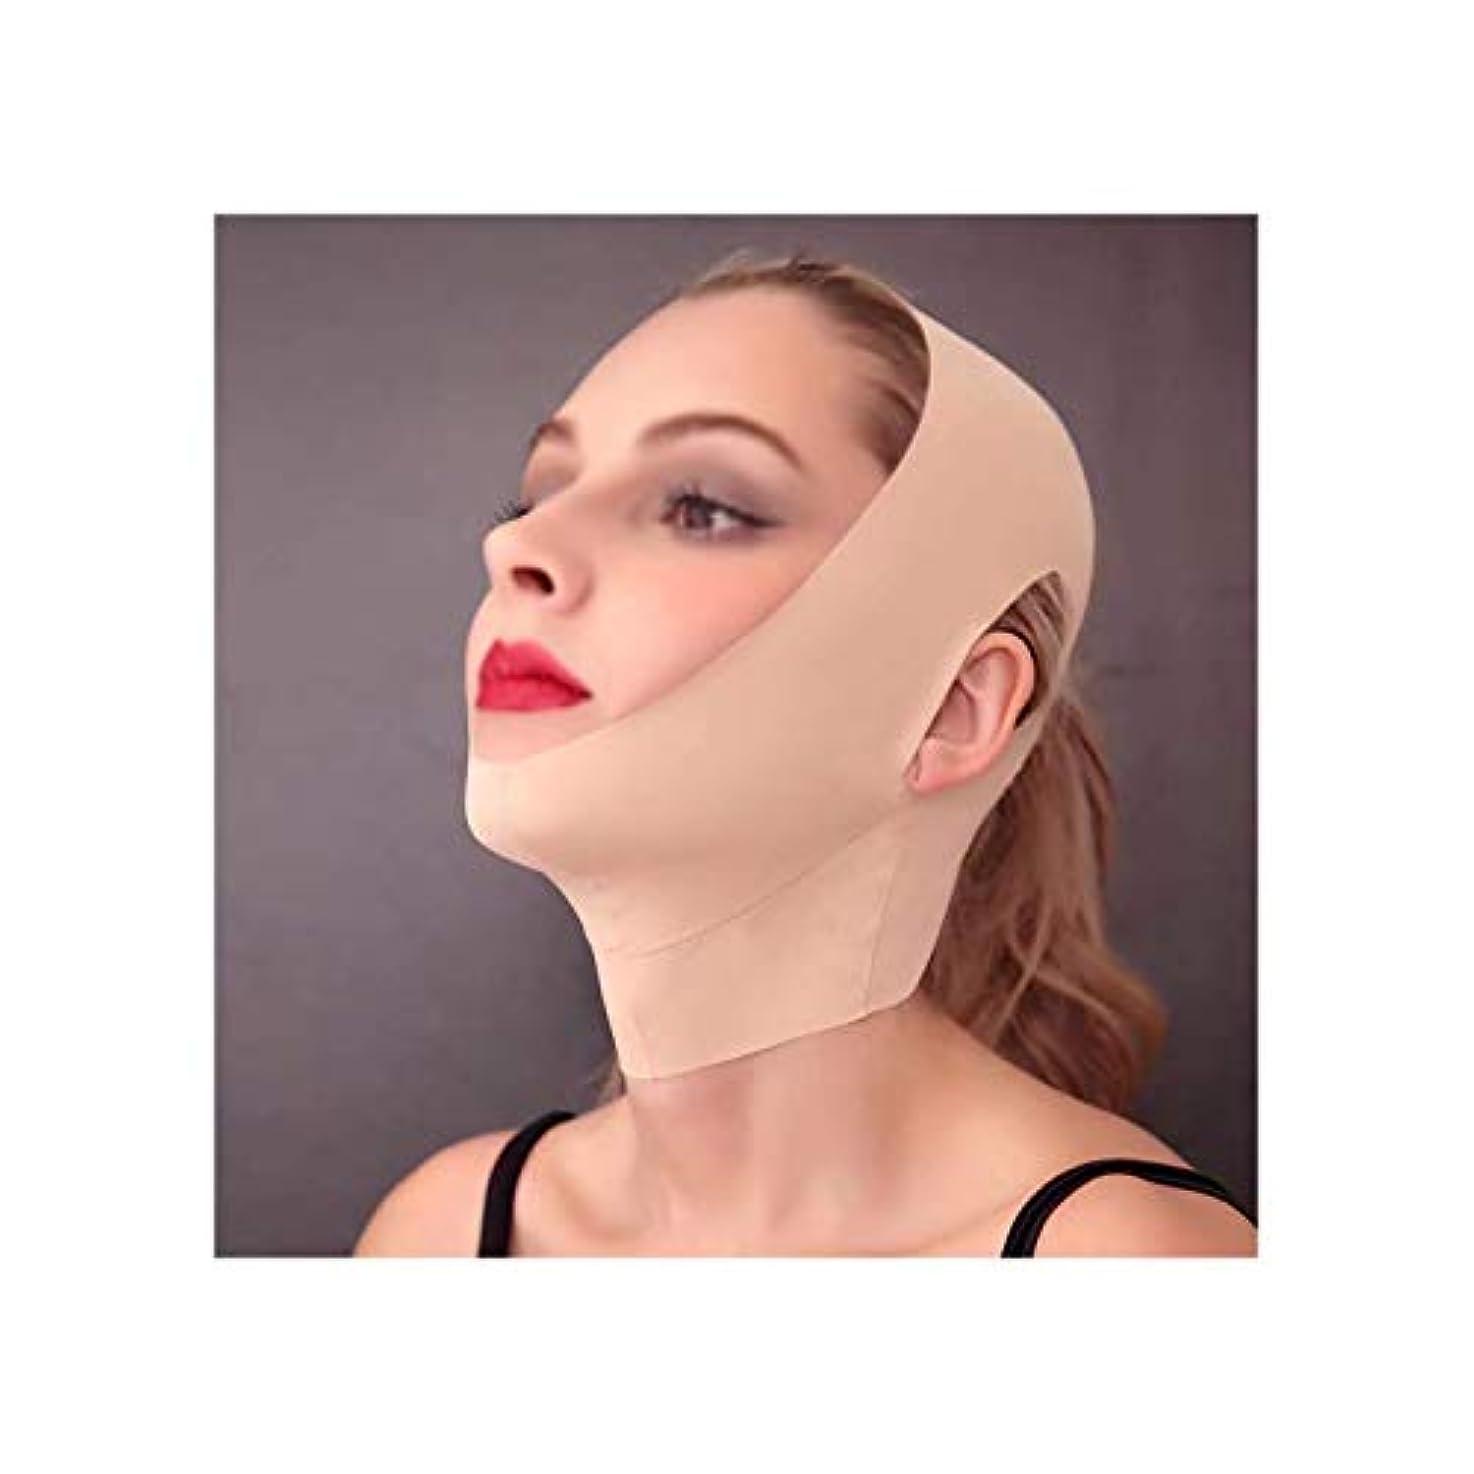 衝撃長椅子不適切なフェイシャルマスク、フェイスリフティングアーティファクト女性男性の睡眠顔Vフェイス包帯マスクリフティングフェイス補正引き締め顔に二重あご痩身ベルト